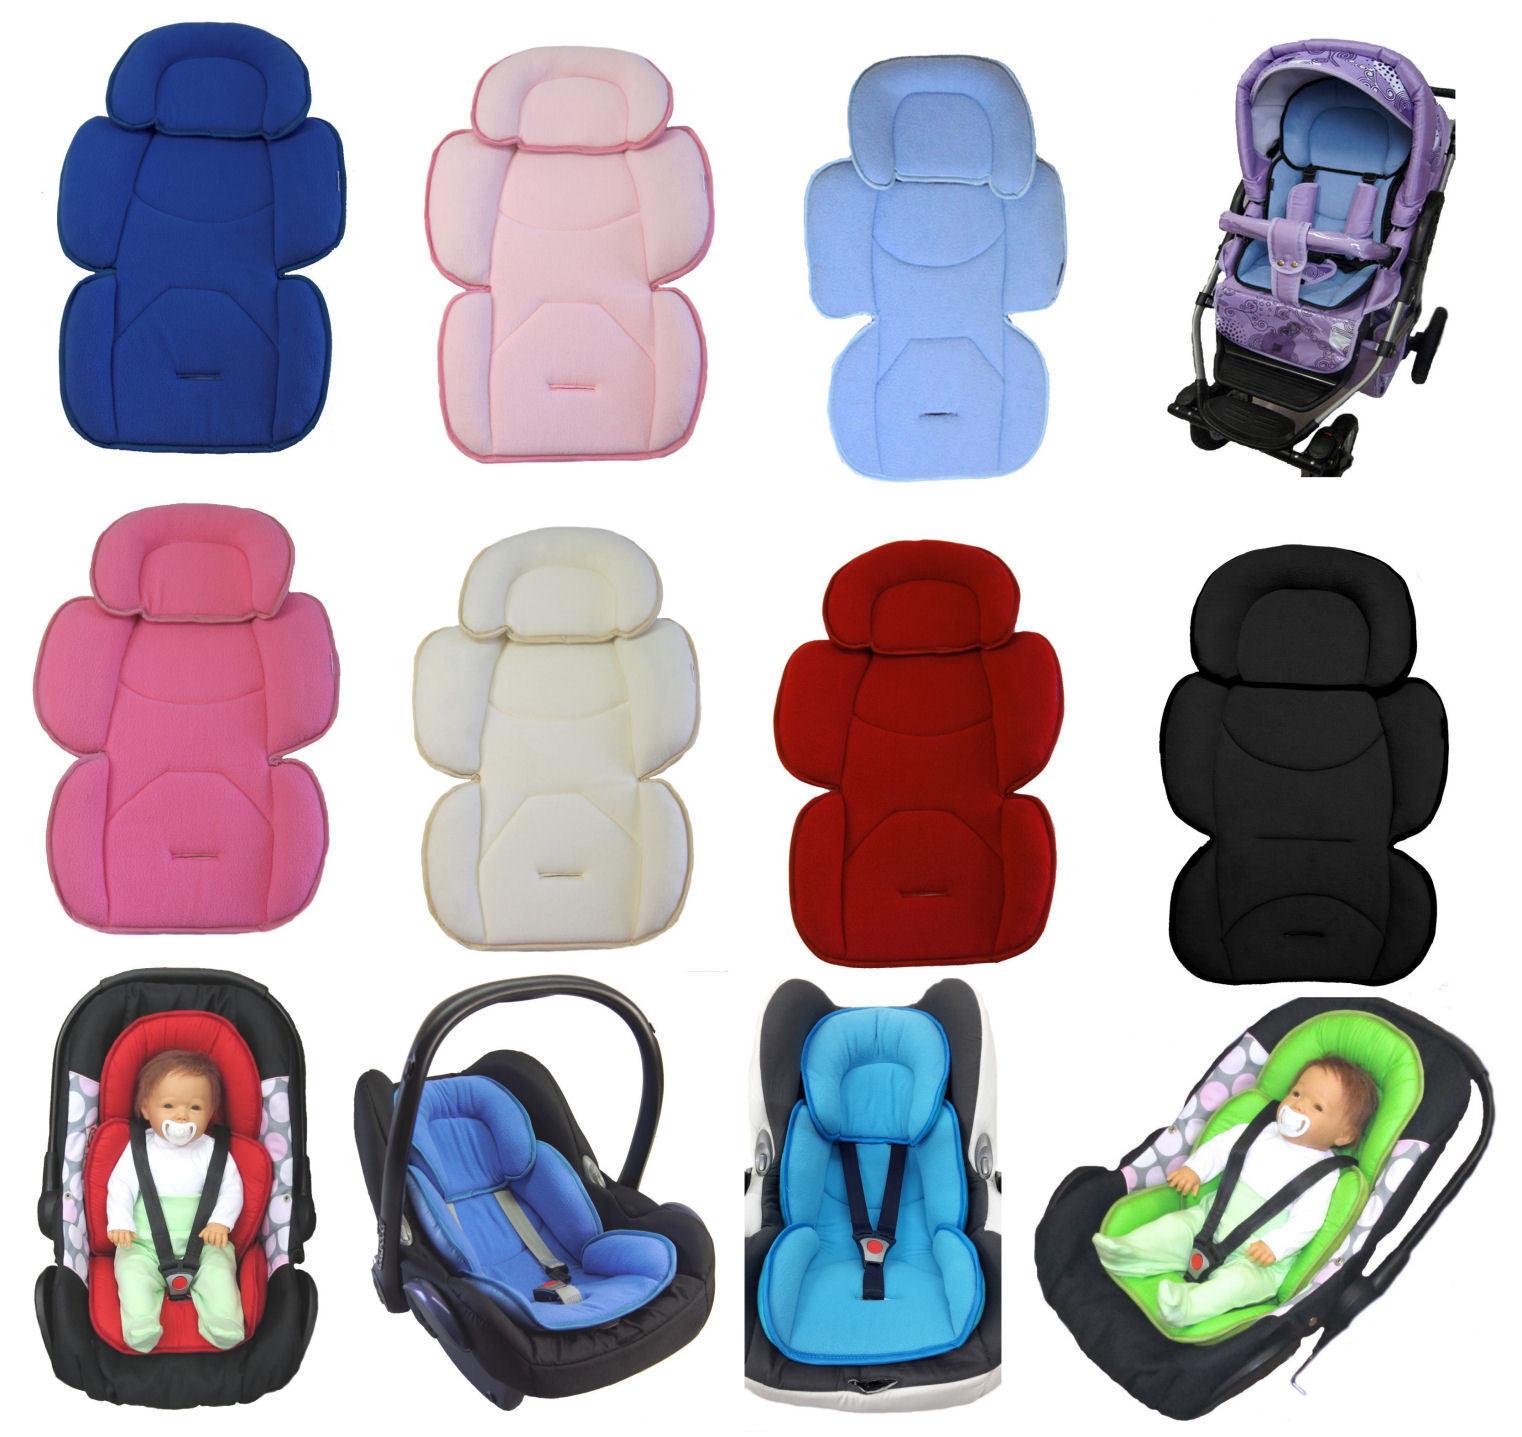 Sitzverkleinerer Baby Kind für Auto Kindersitz und Babyschale Hochstuhl Einsatz